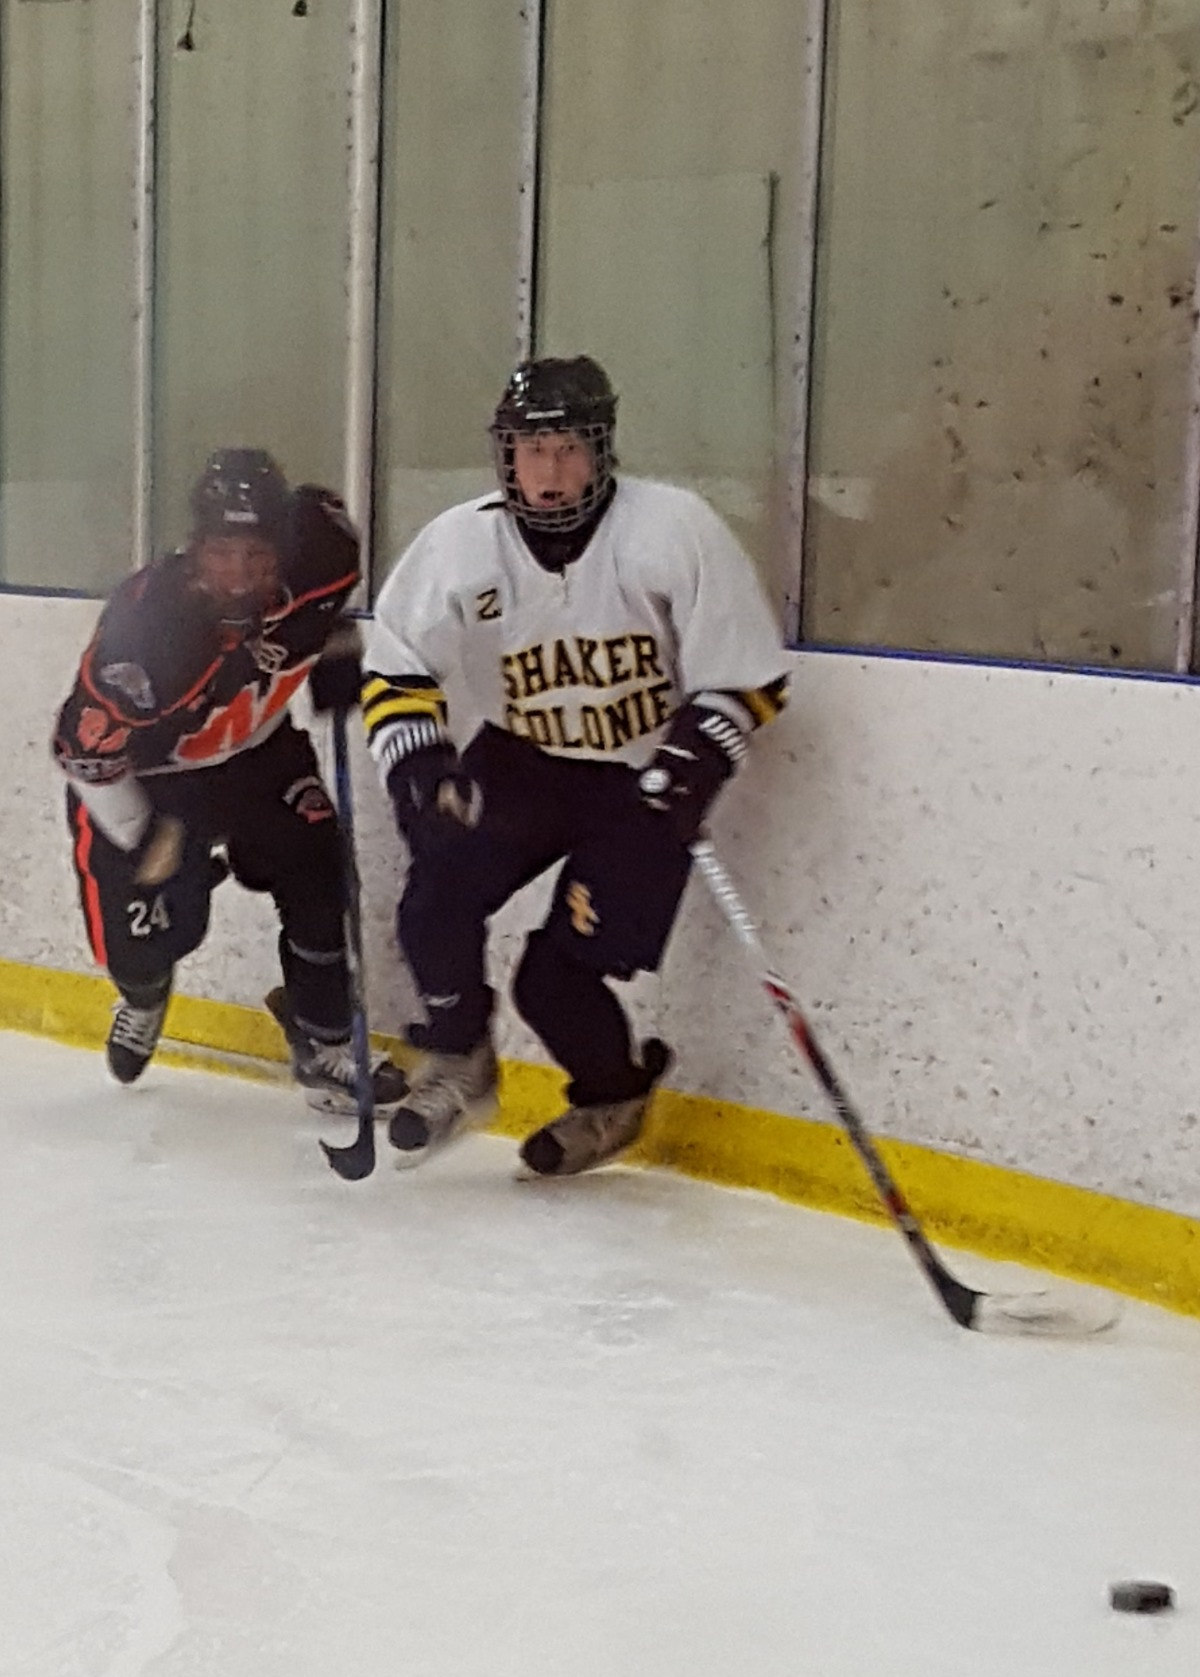 Collin Dougherty skates towards the puck